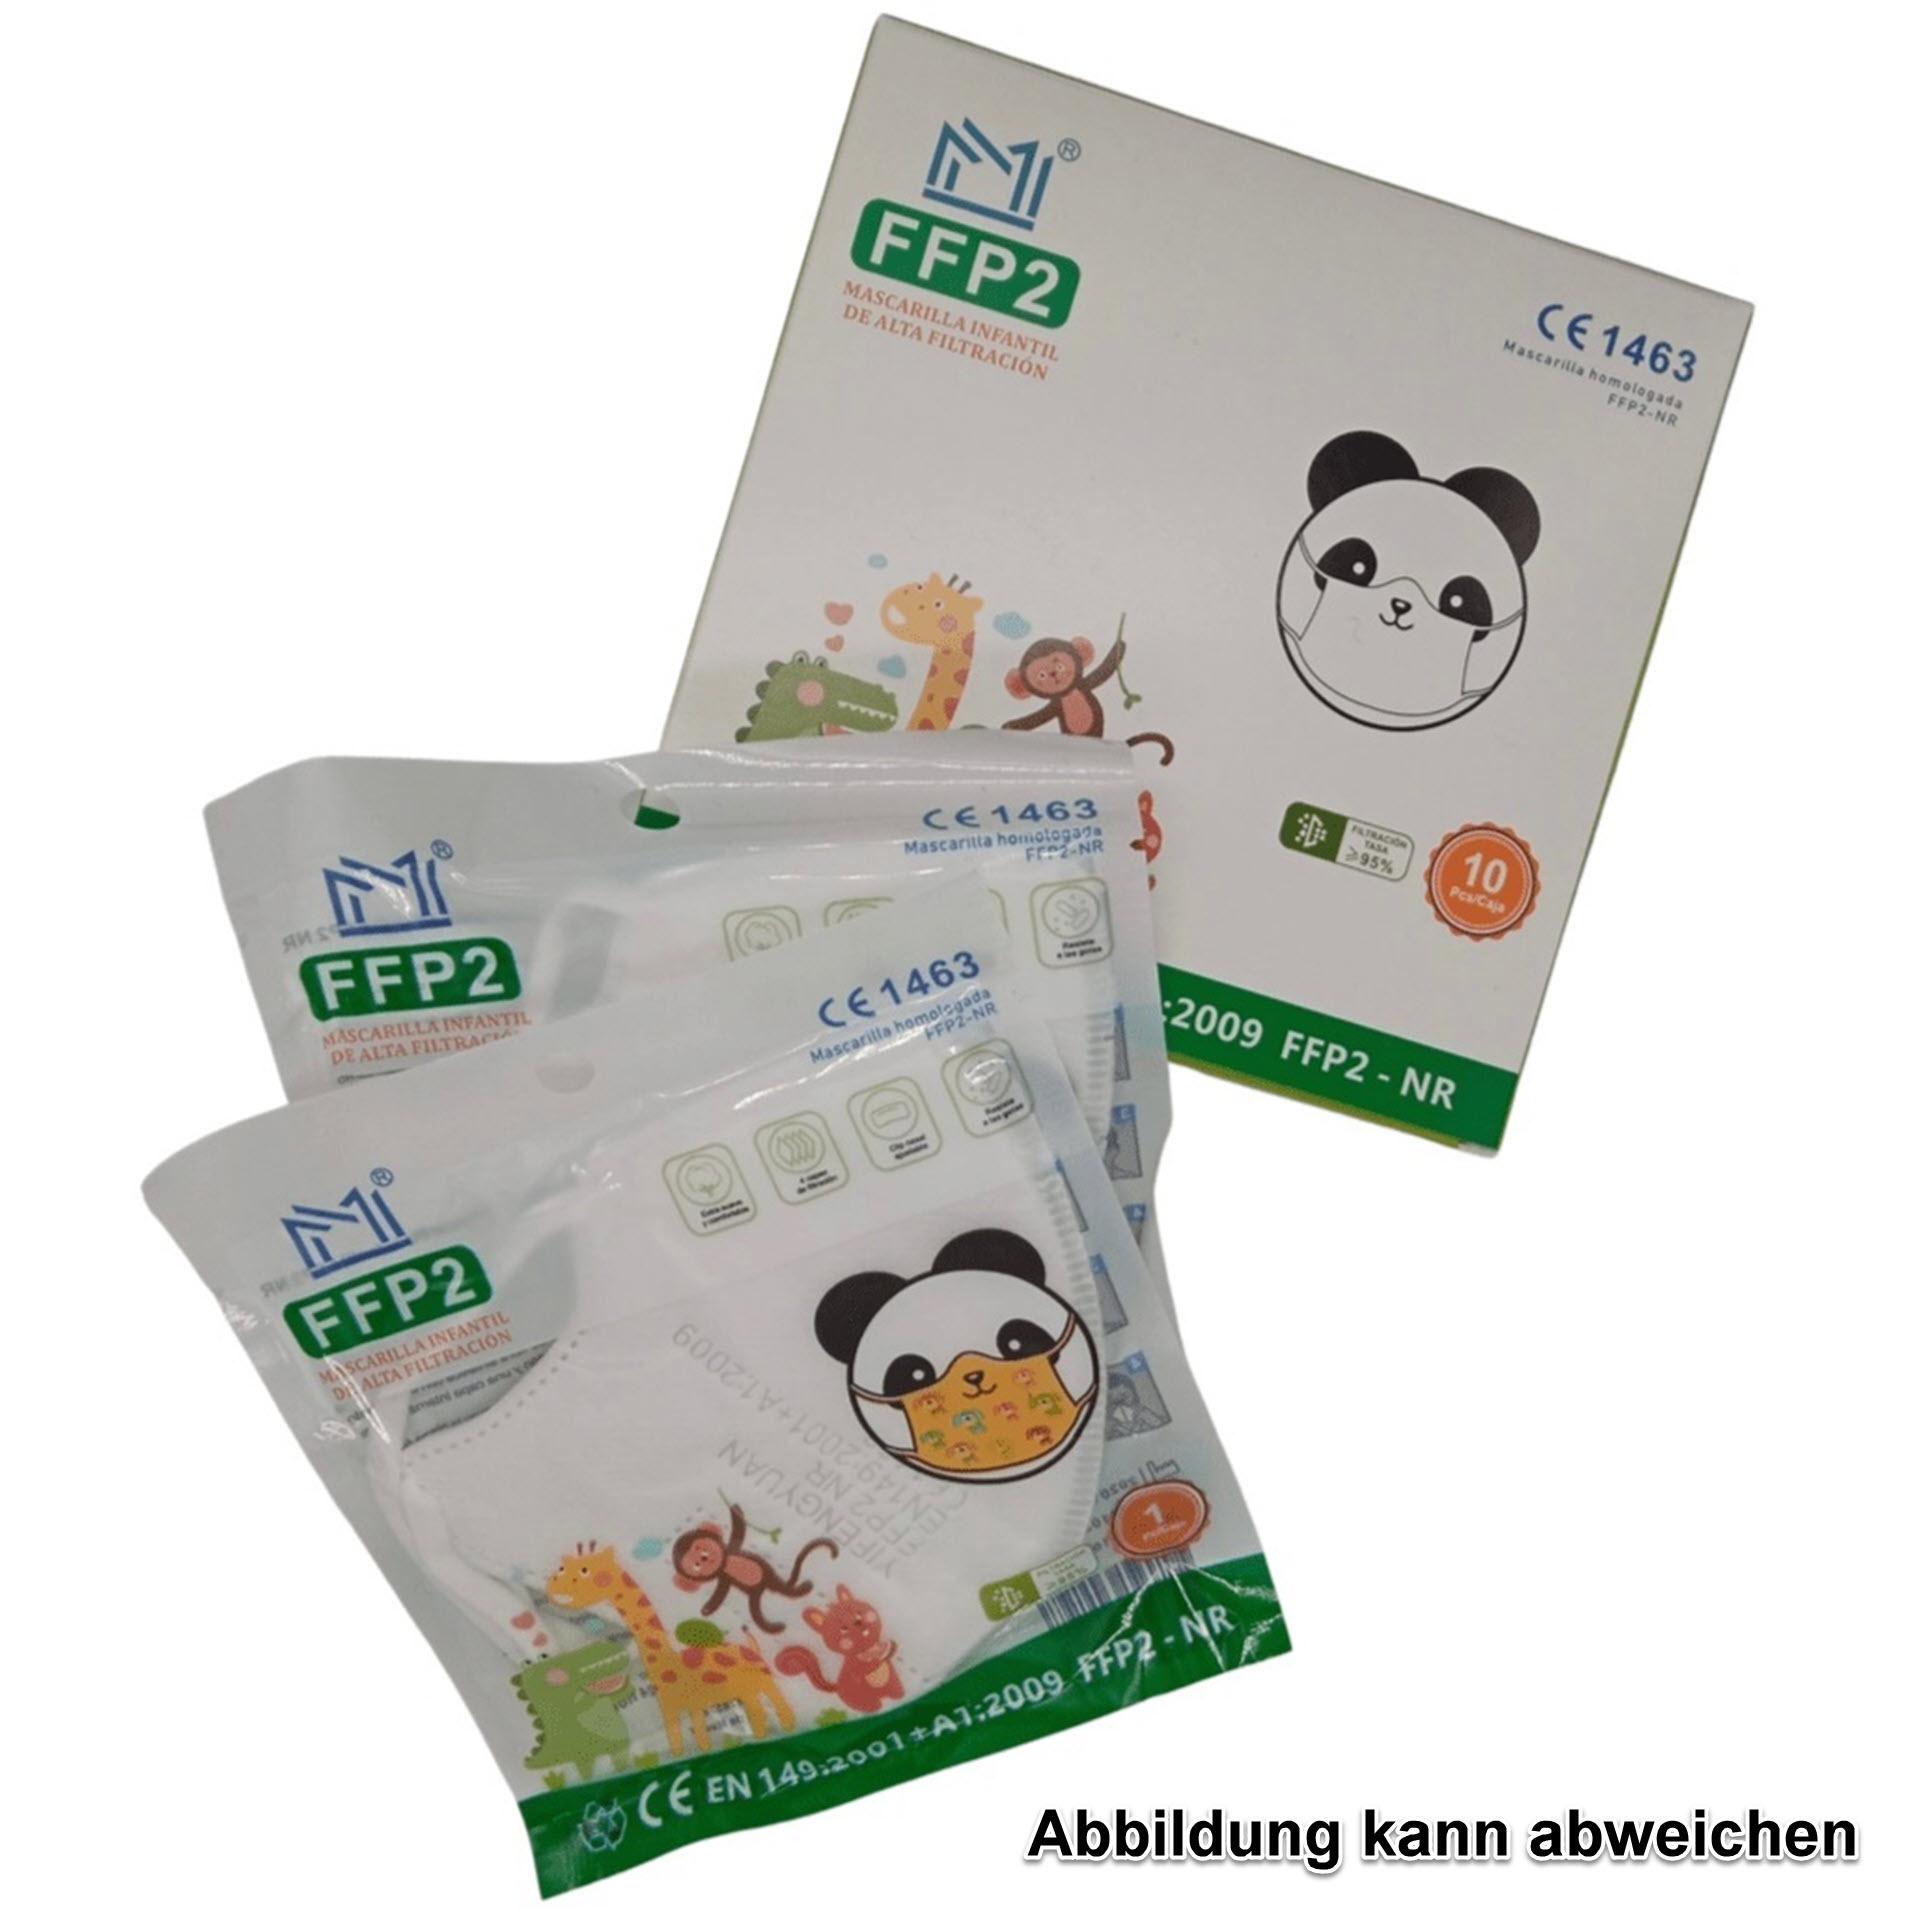 Kinder-Atemschutzmaske - FFP2 NR Schutzklasse - mit buntem Aufdrucken (CE 1463 / EN:149:2001+A1:2009)